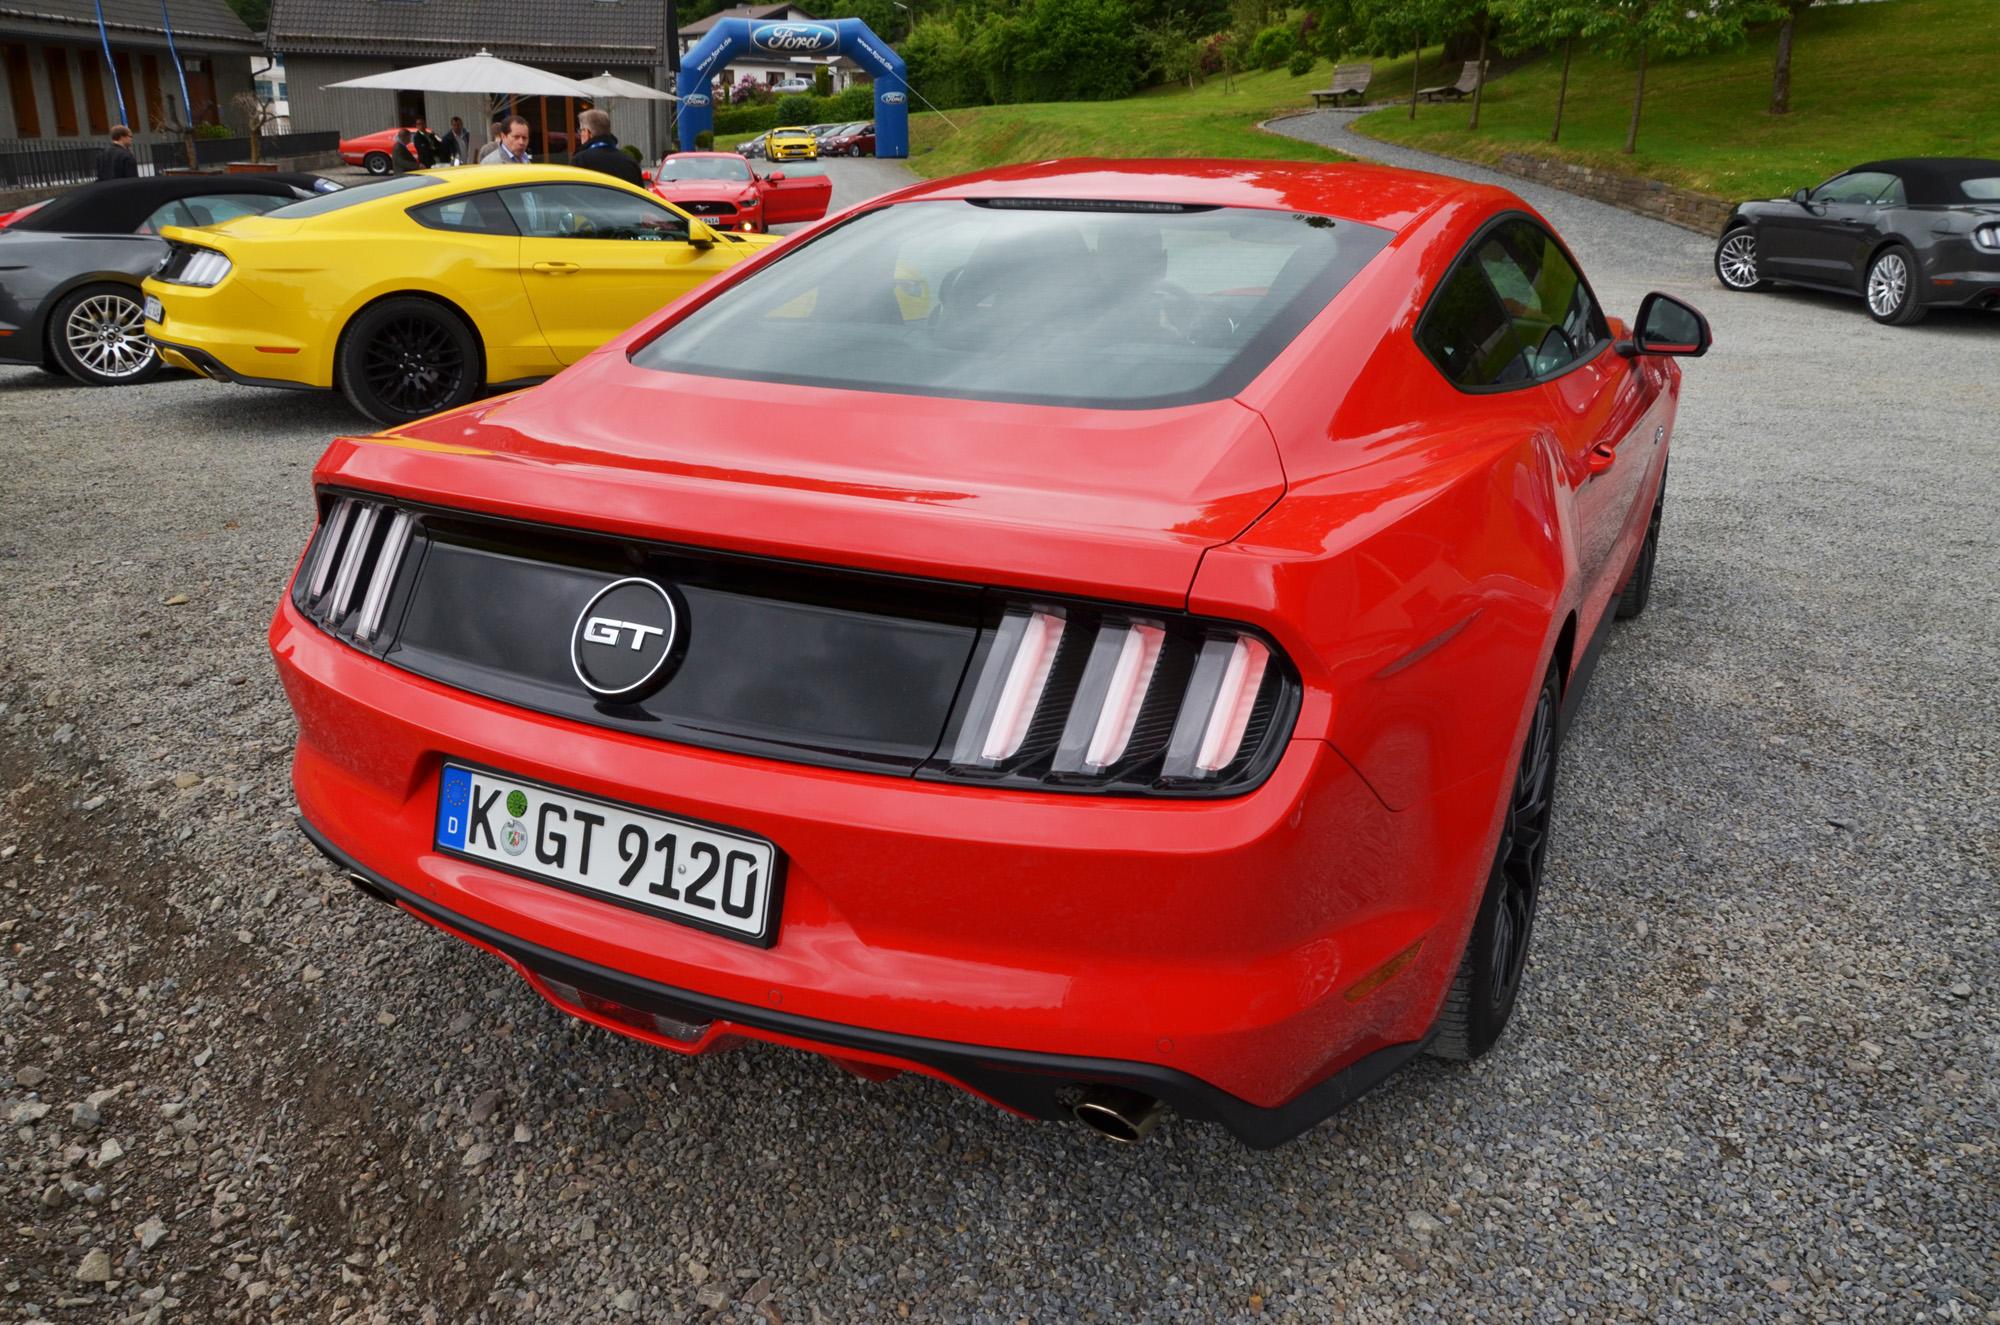 Unverkennbar: Die Heckpartie des Ford Mustang erinnert stark an die Vorgänger.